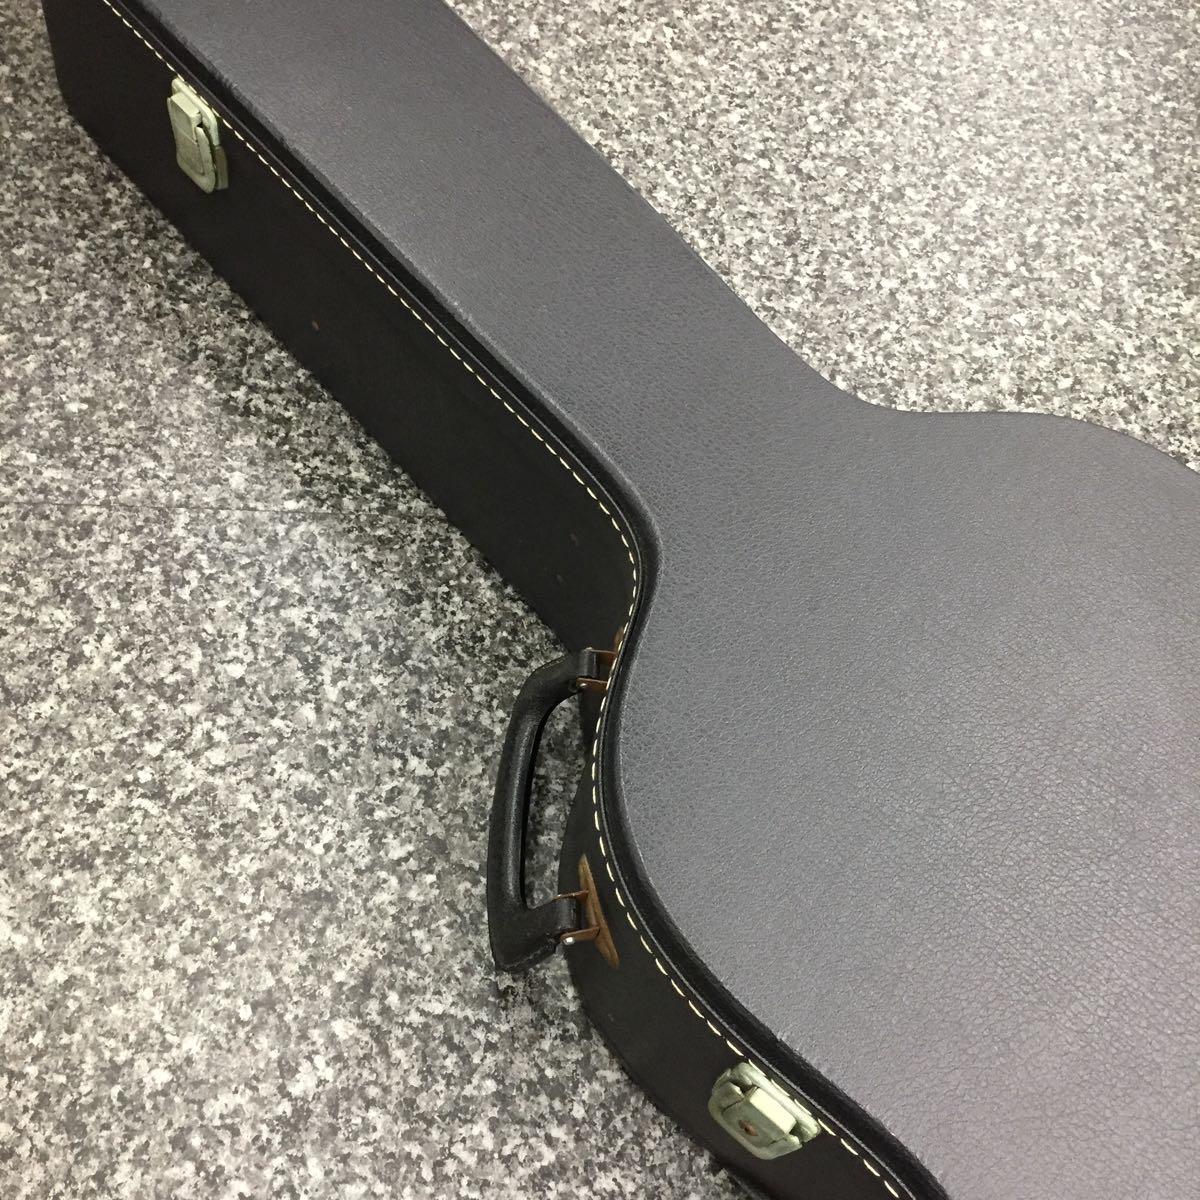 中古 Abe guitar 330 TOP単板 美品 日本製 630mmスケール 調整済 ハードケース付 _画像9